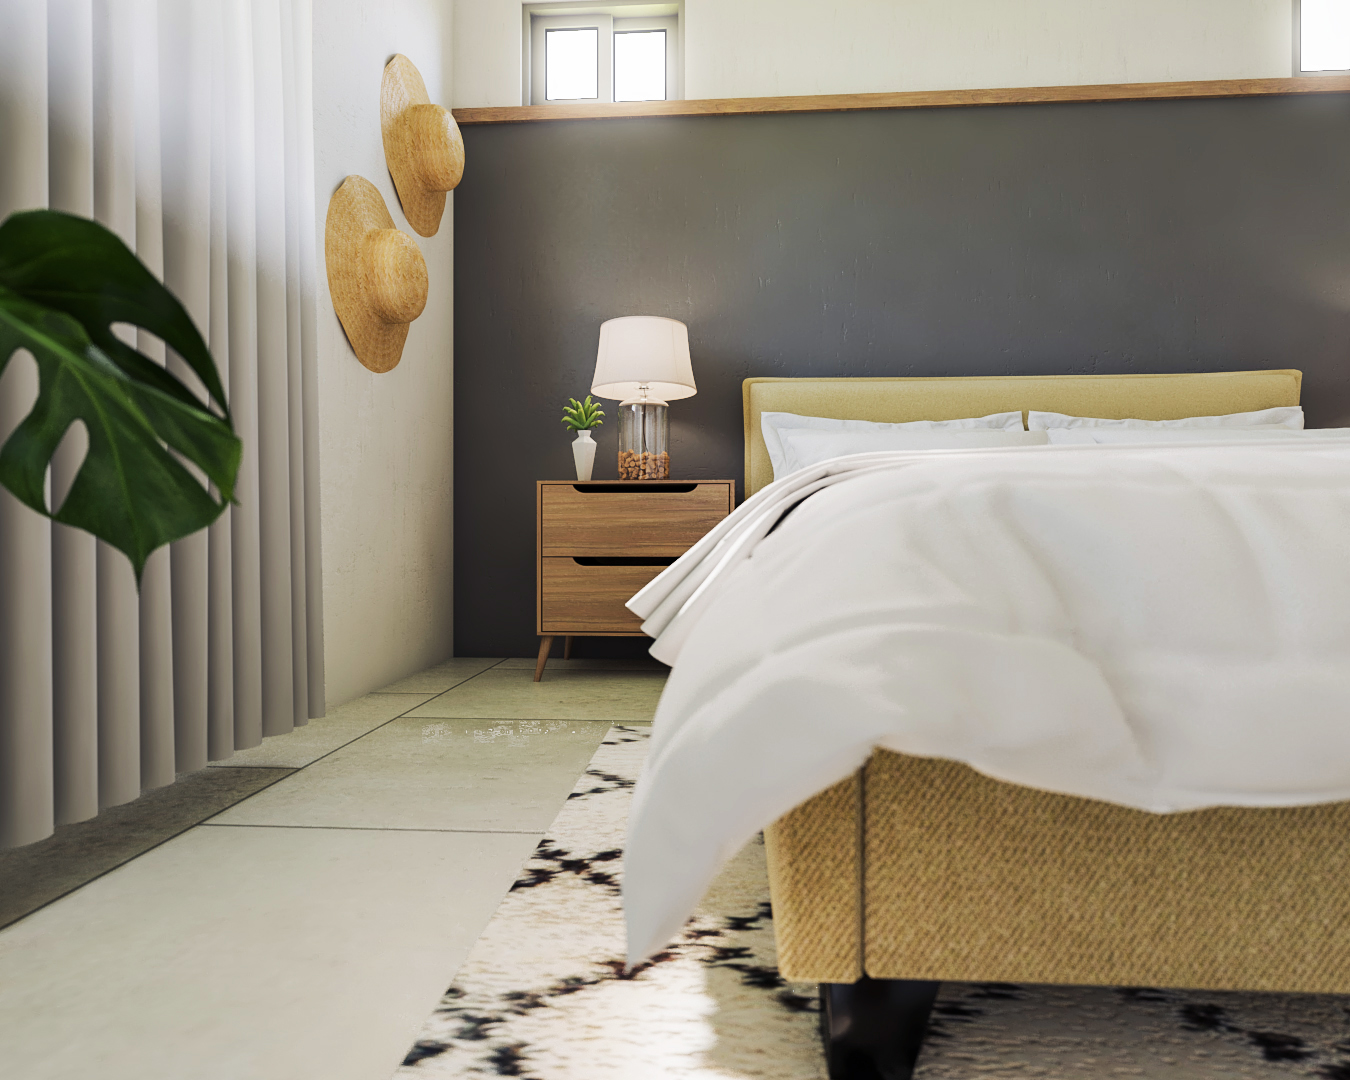 Fleet_2BR_Bedroom2